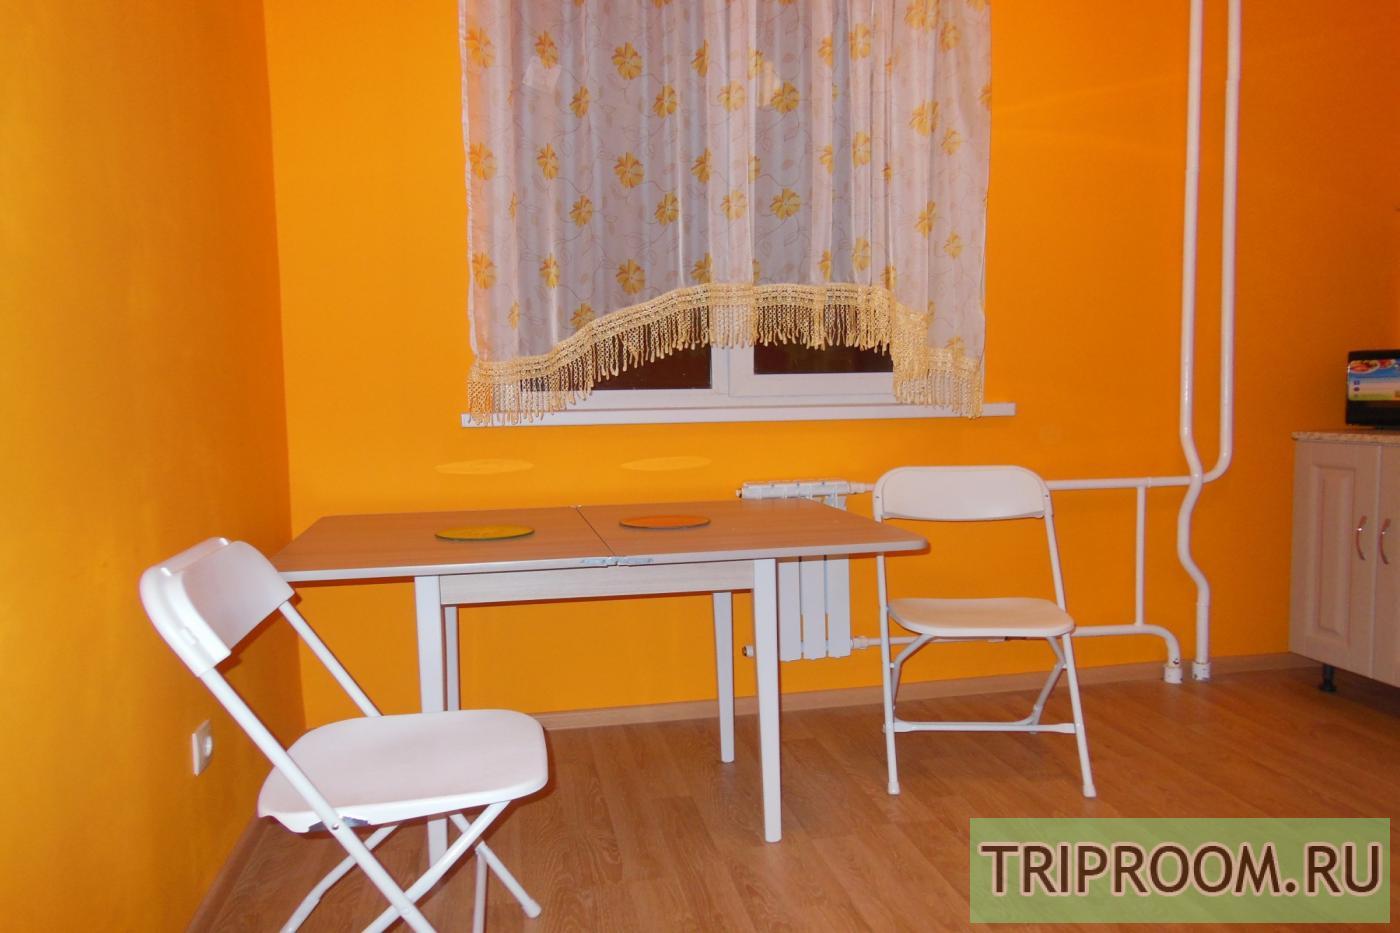 1-комнатная квартира посуточно (вариант № 9357), ул. 45 Стрелковой Дивизии улица, фото № 8